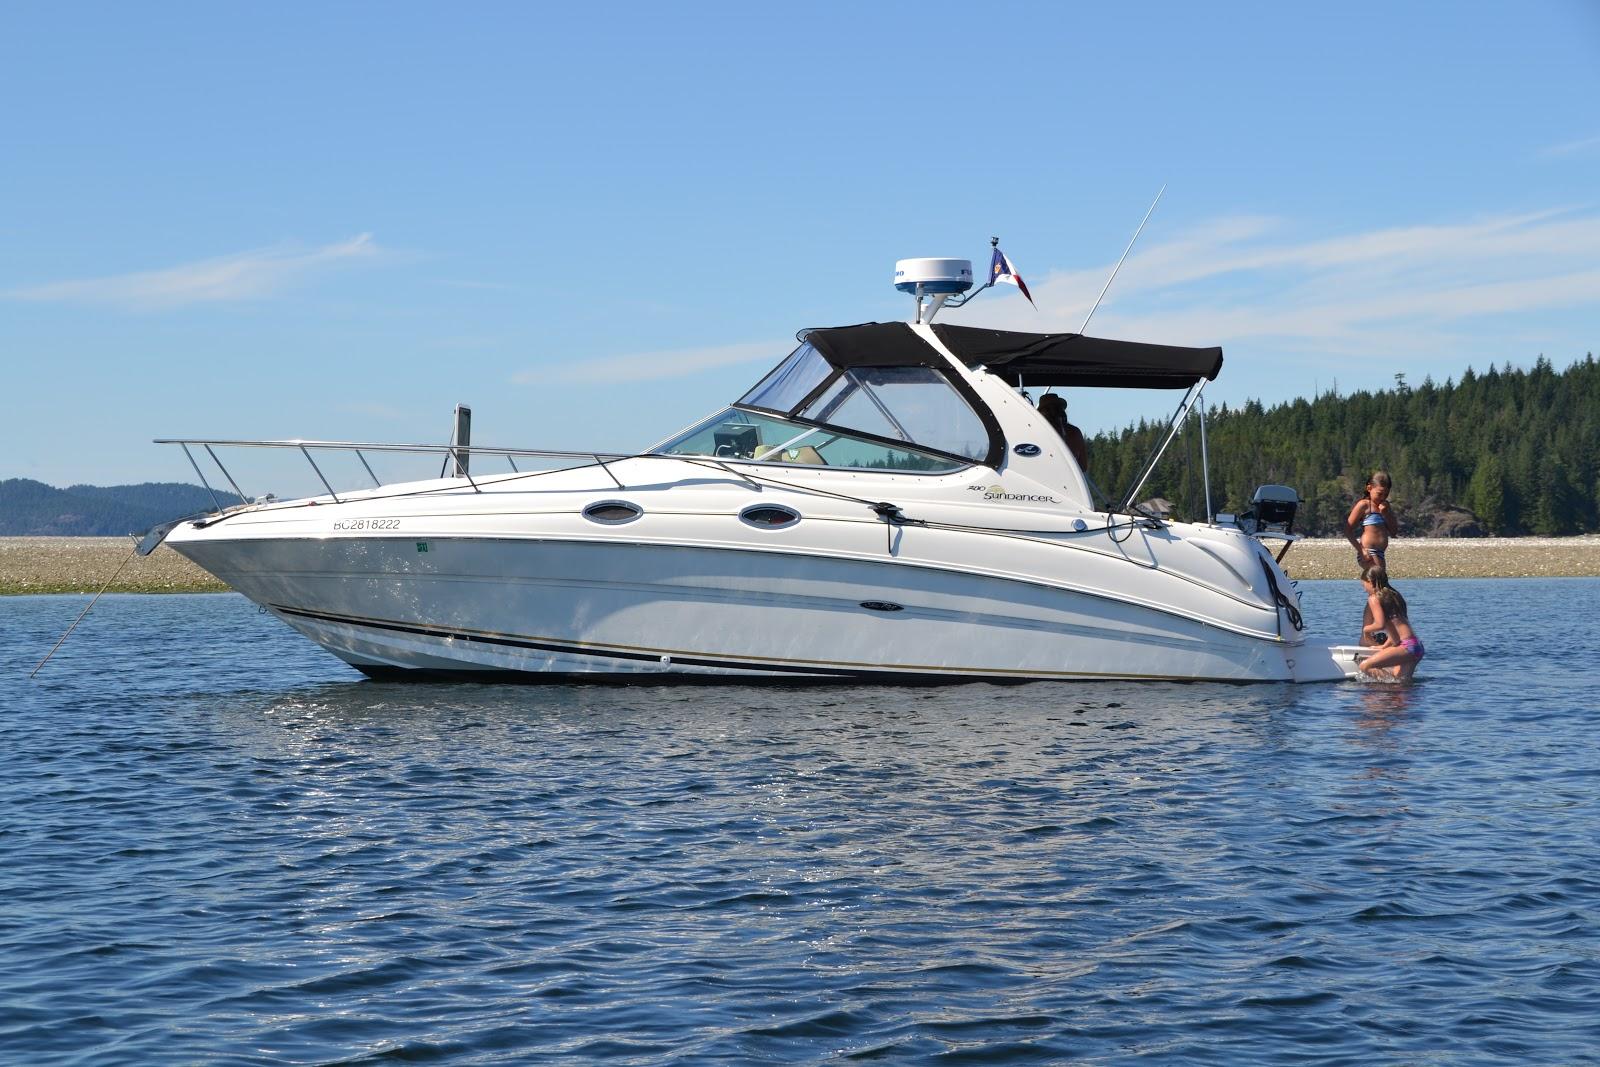 Sea Ray 280 Sundancer For Sale: Exterior